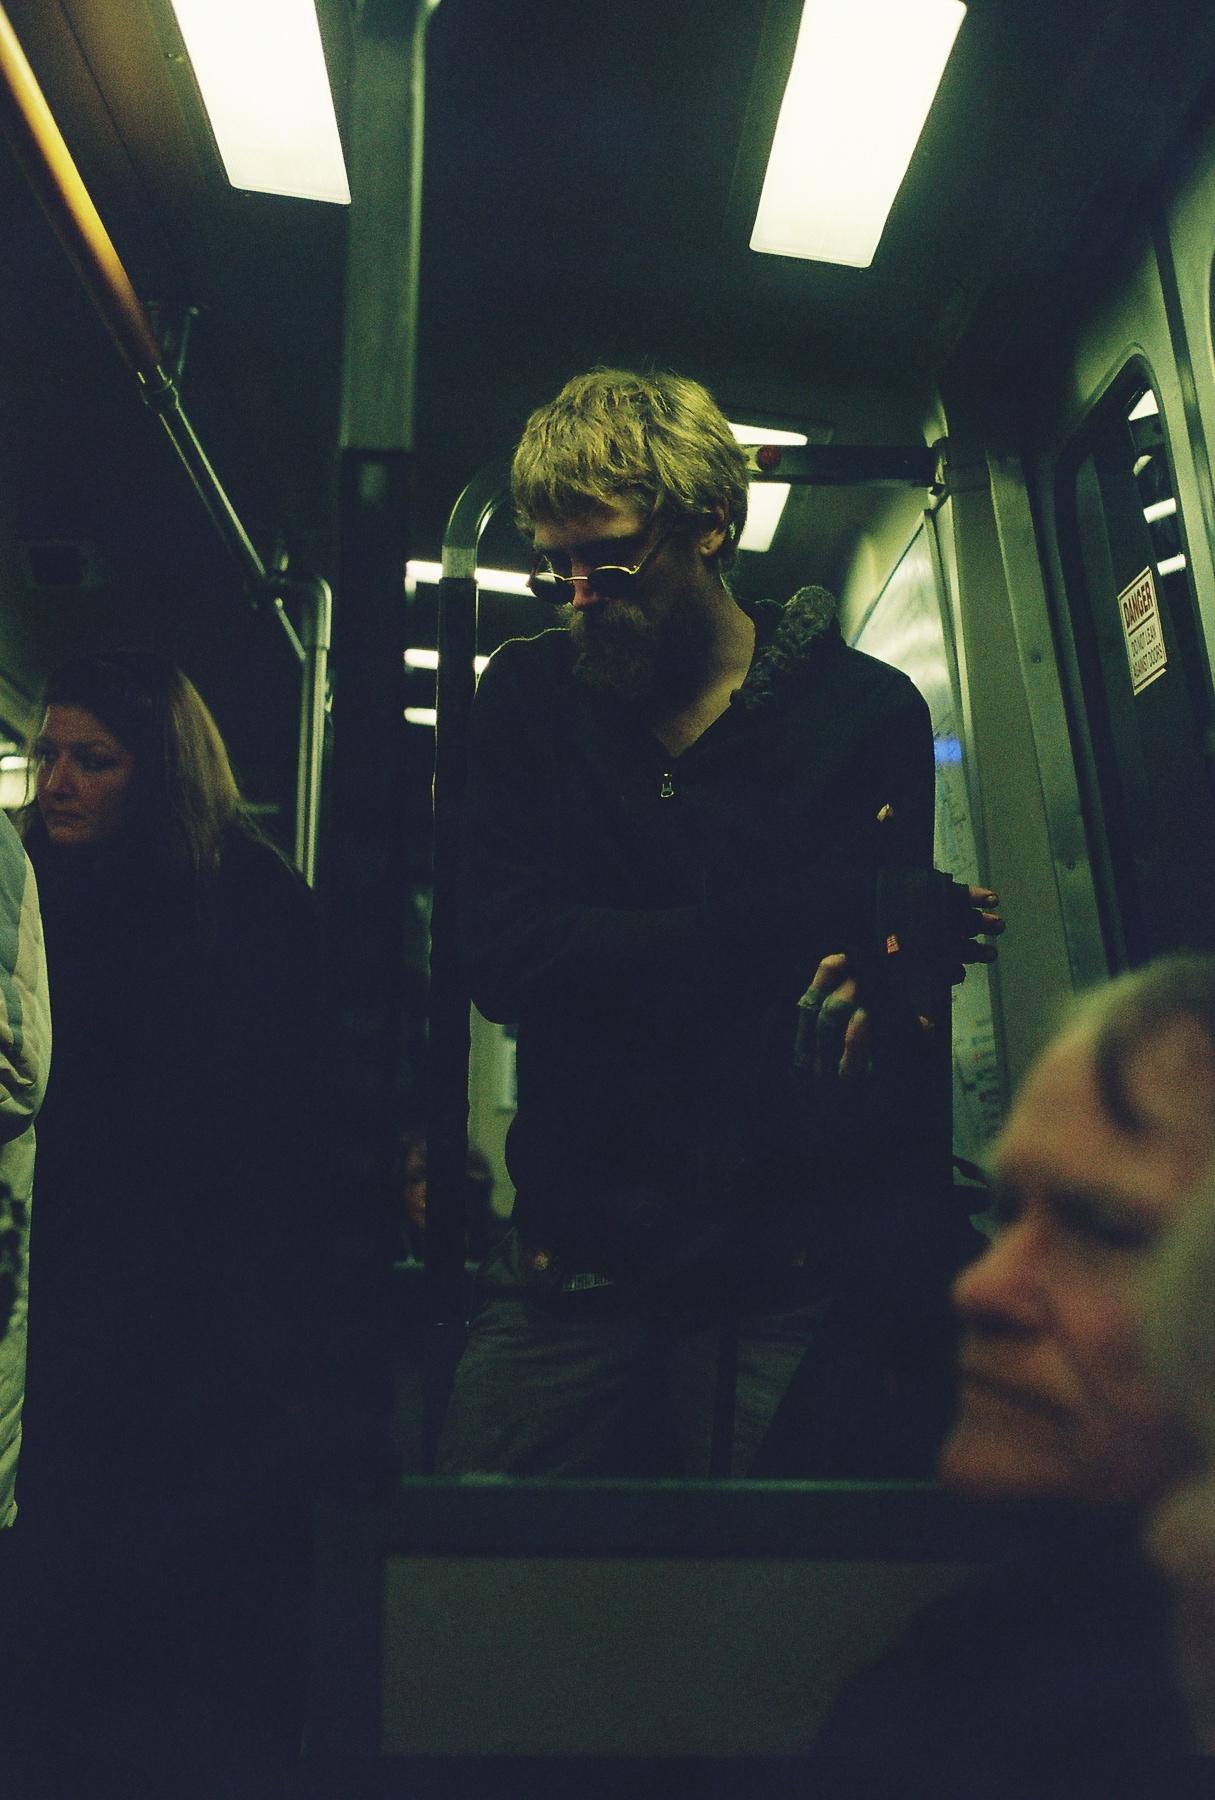 Bart Passenger